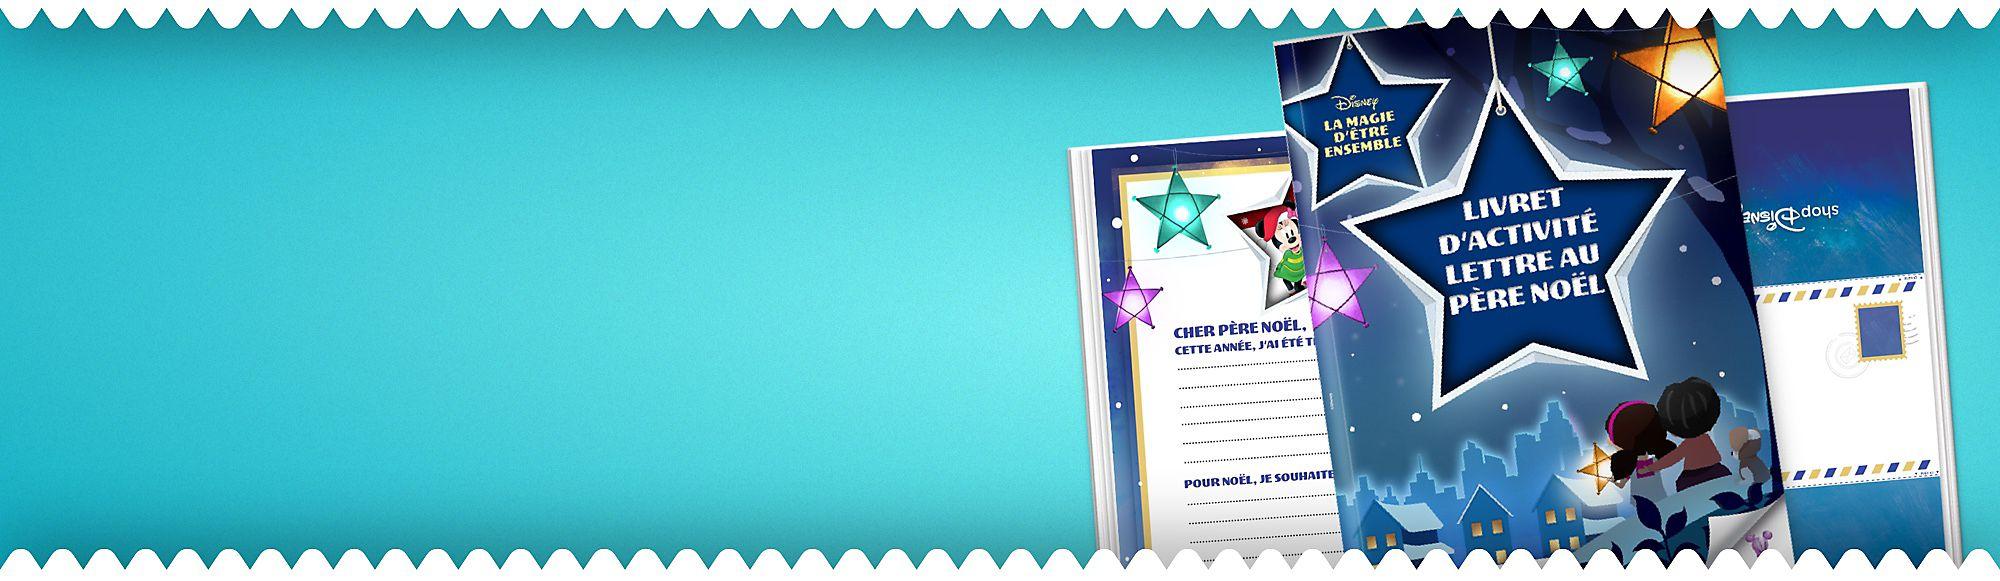 Écrivez une lettre au père Noël en famille La lettre au père Noël est une tradition lors de la saison des fêtes. Cette année, toute la famille participe ! Téléchargez le livret, personnalisez les lettres des enfants et laissez-les pour le père Noël quand il viendra déposer les cadeaux.